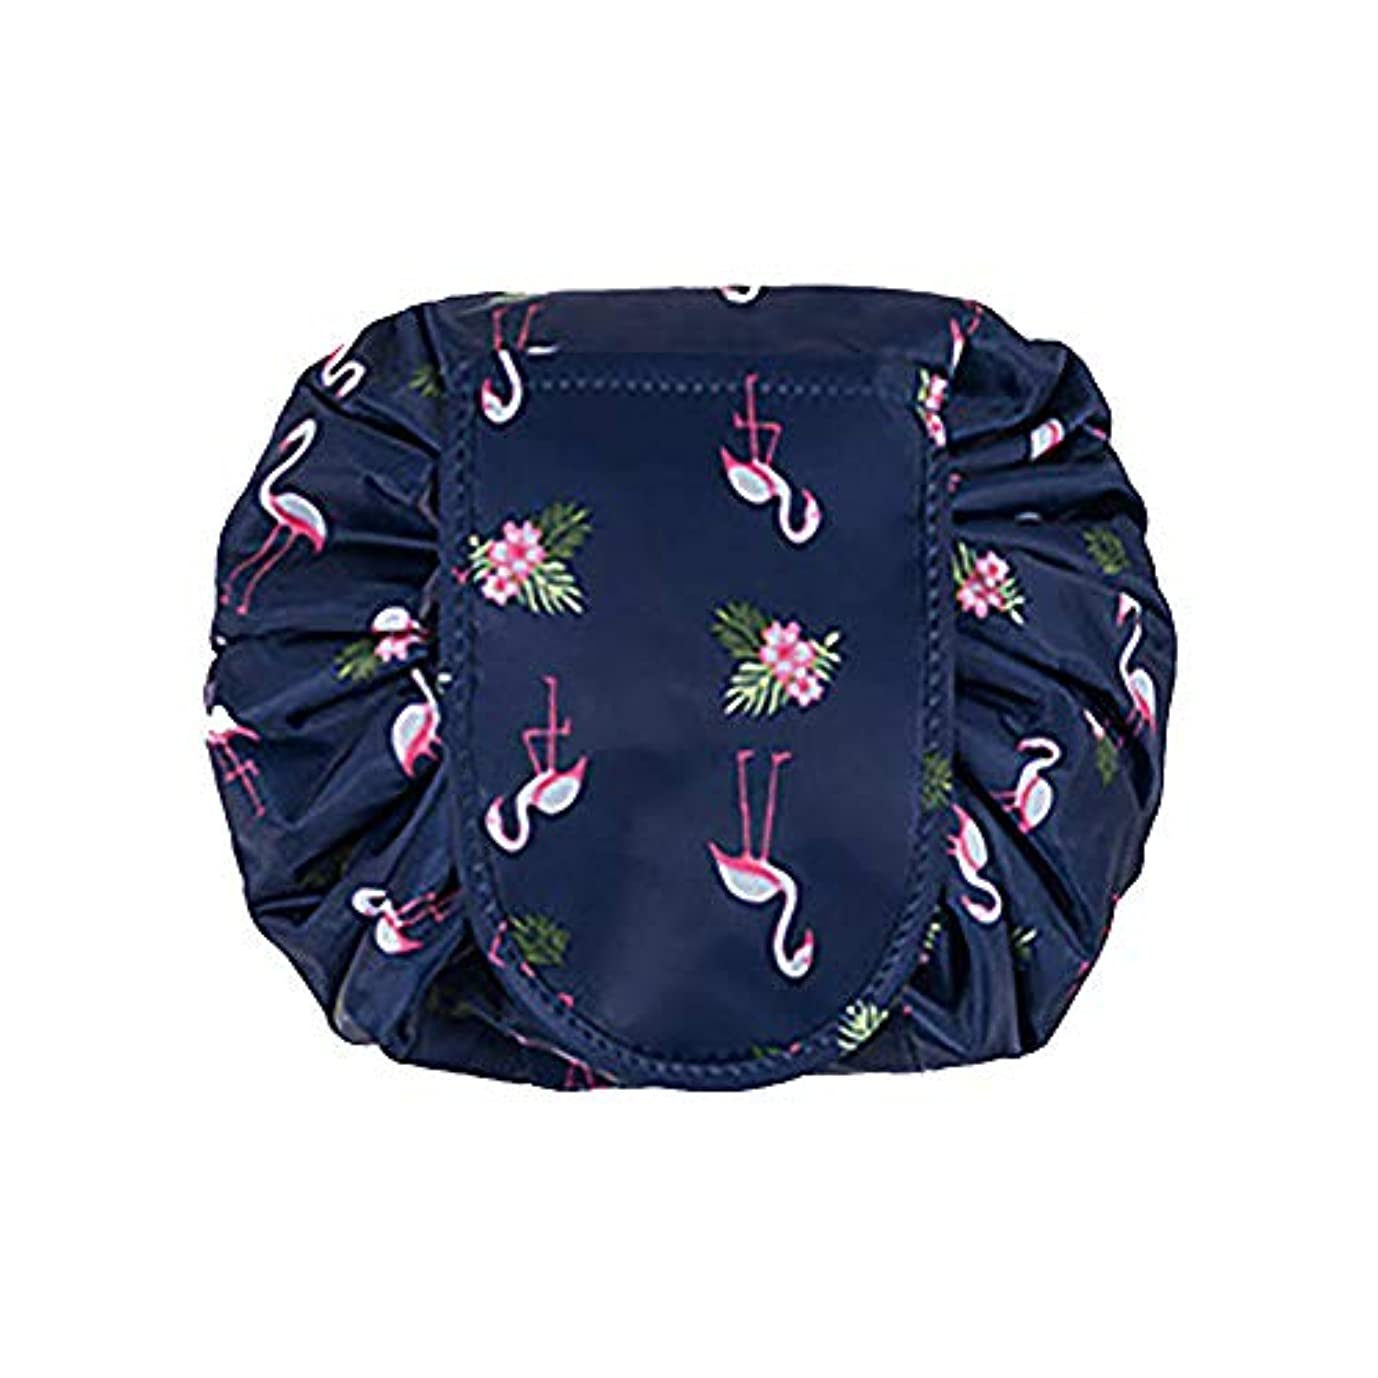 たくさん家庭路地大容量 レイジーメイクアップトイレタリーバッグ 引きひも ポータブル 旅行 カジュアル 防水 クイック 魔法 化粧品収納バッグ 女性にぴったり (ダークブルーフラミンゴ)